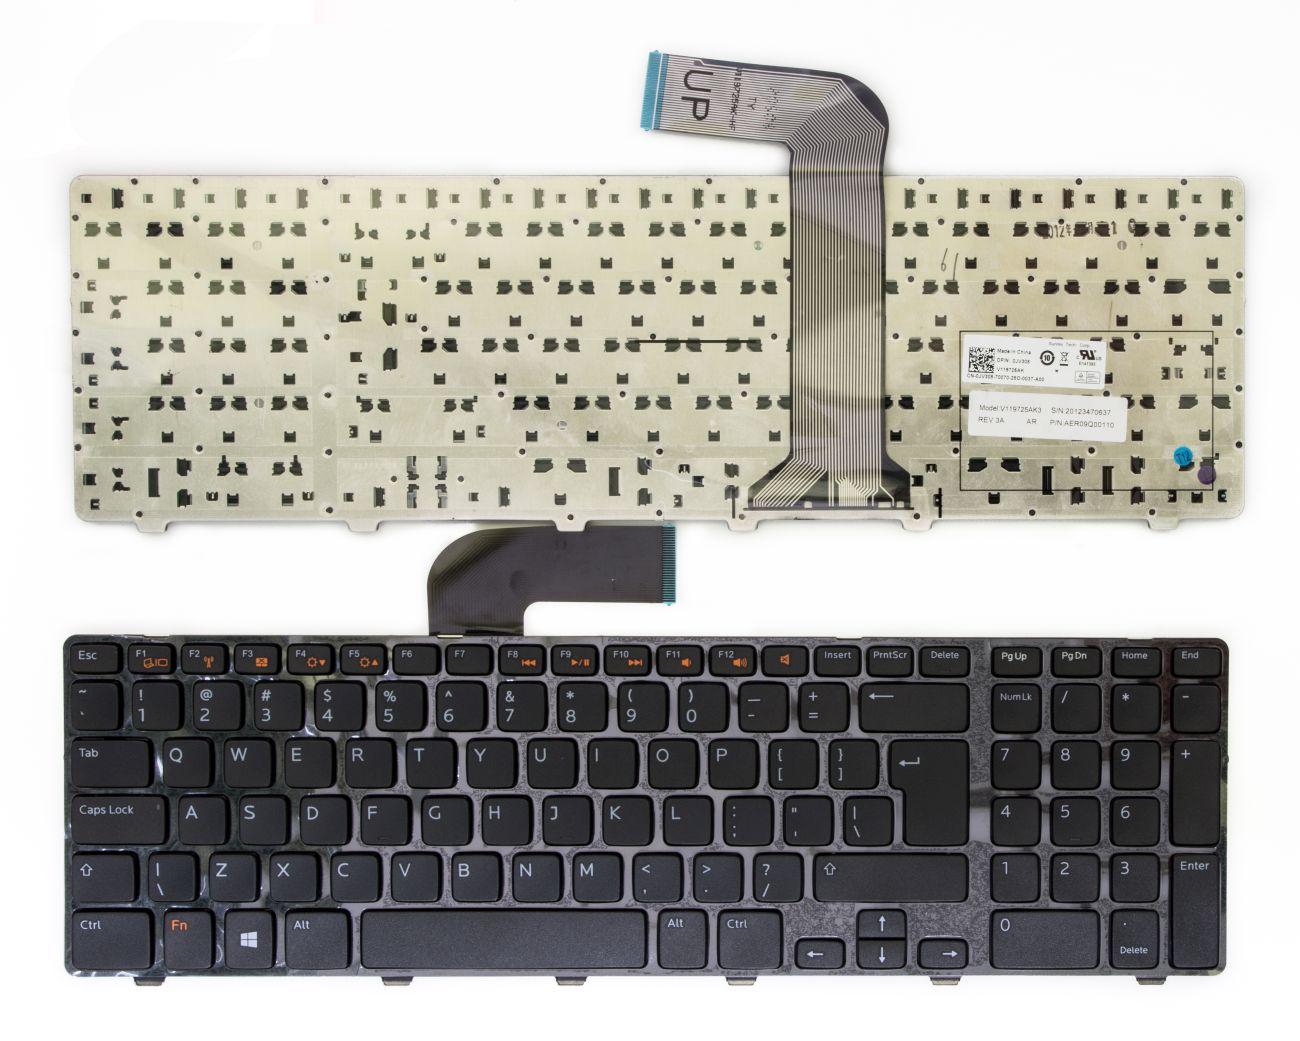 Купить Клавиатура для ноутбука DELL Inspiron 17R, Vostro 3750, XPS 17